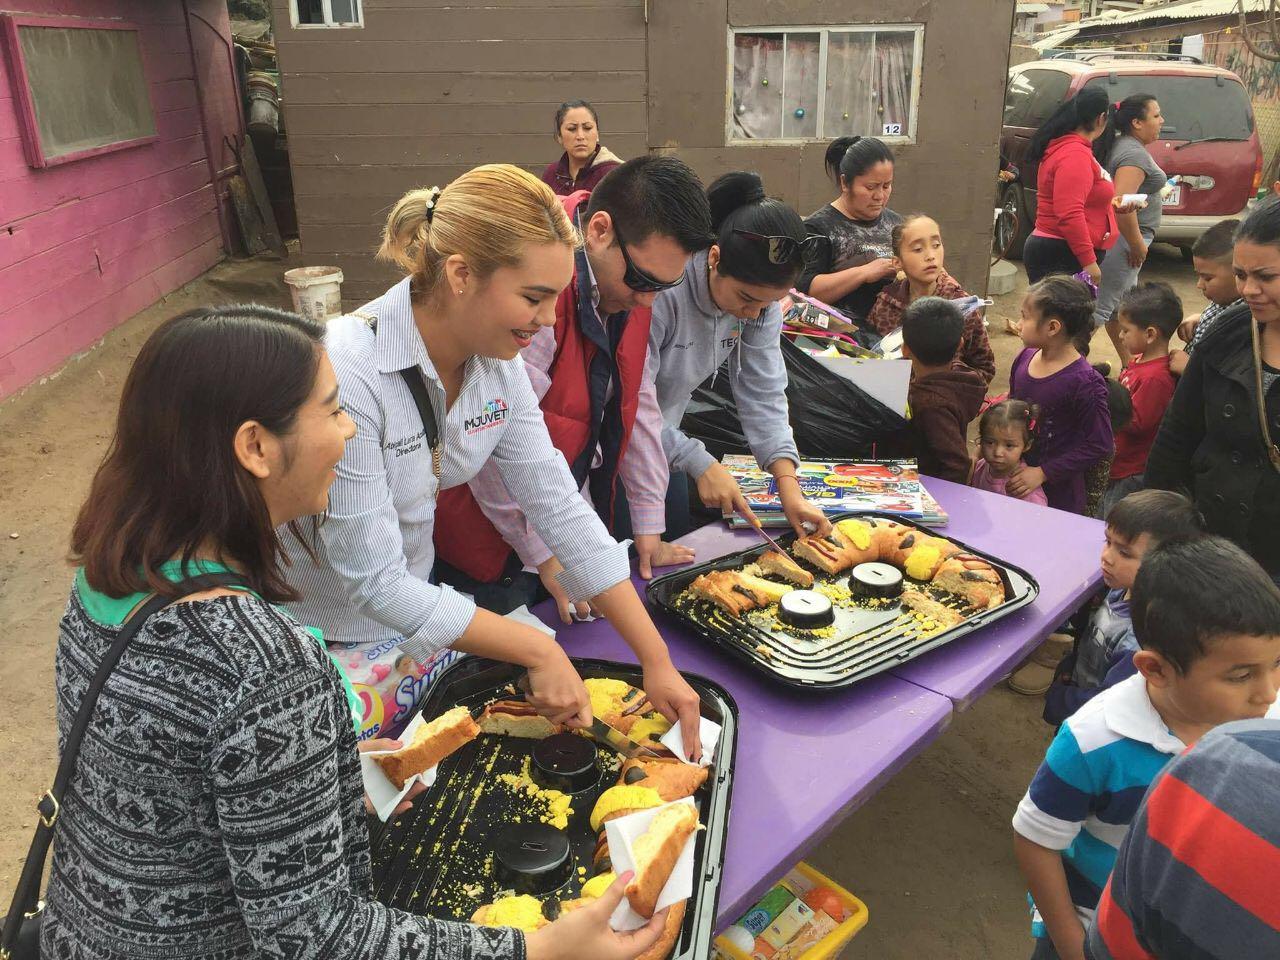 Imjuvet reparte alegría a niñas y niños de Los Olivos, entrega obsequios el Día de Reyes